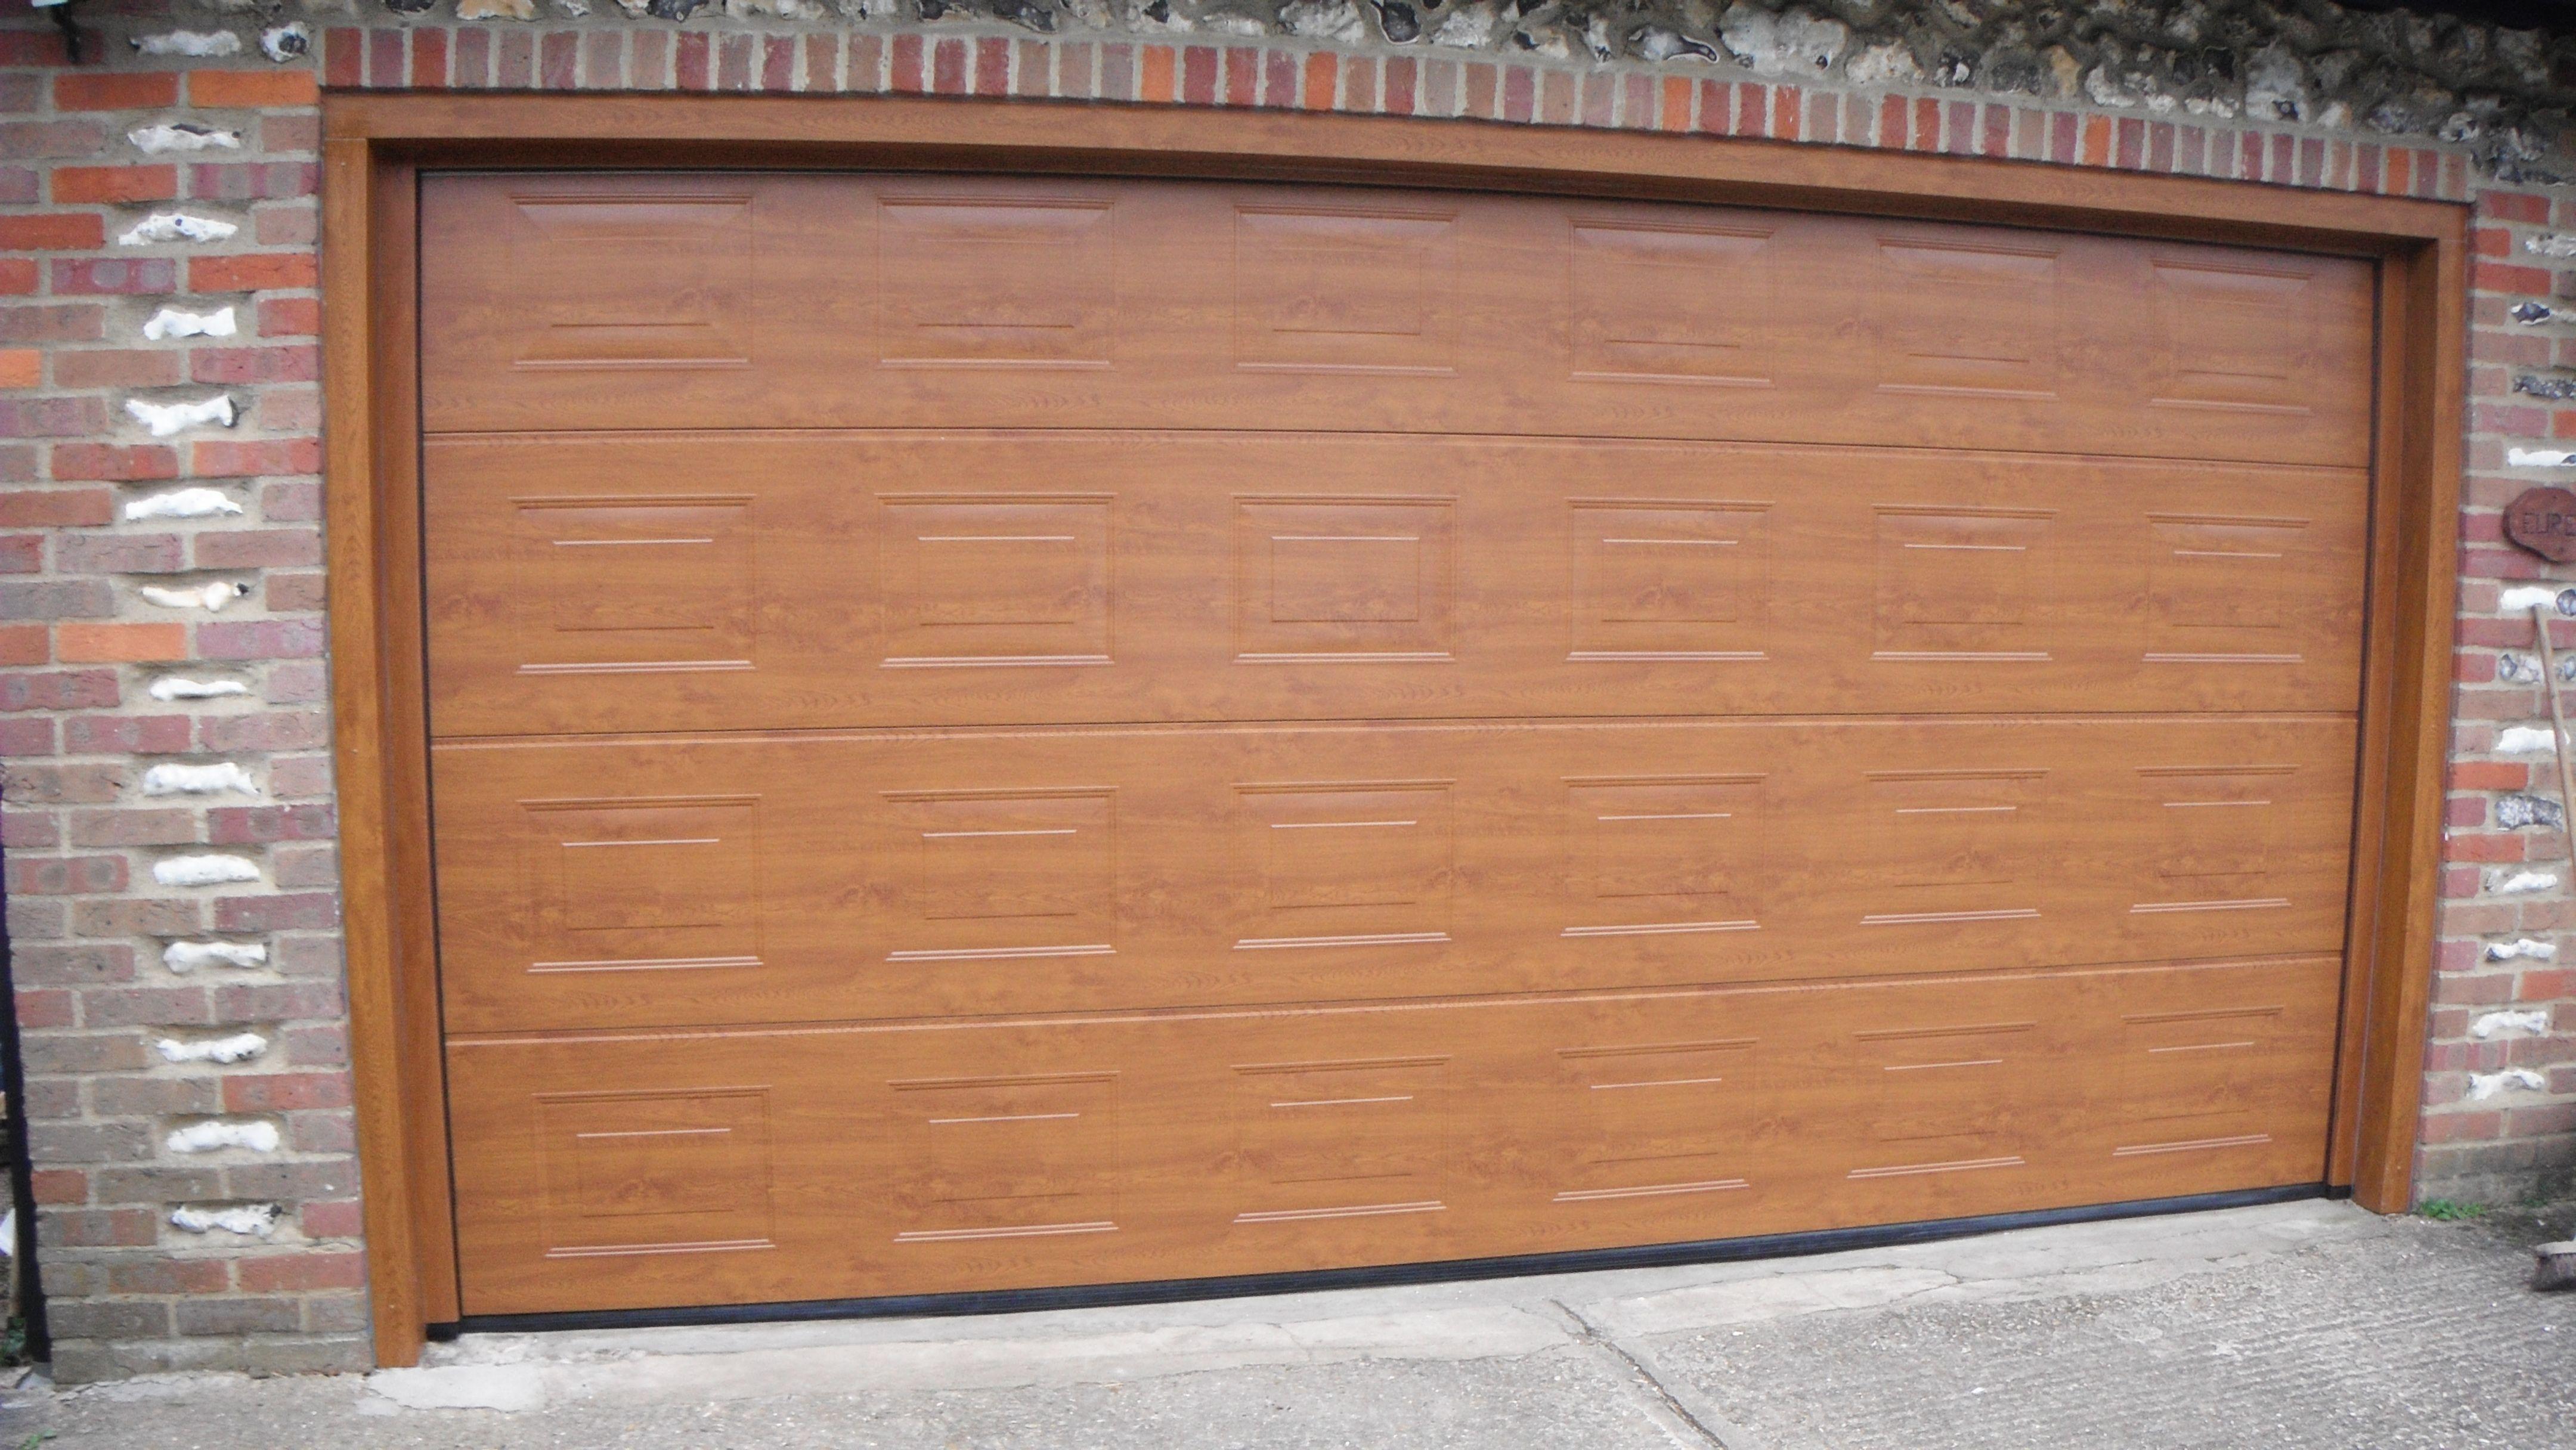 Hormann Golden Oak S Panelled Decograin Sectional Garage Door